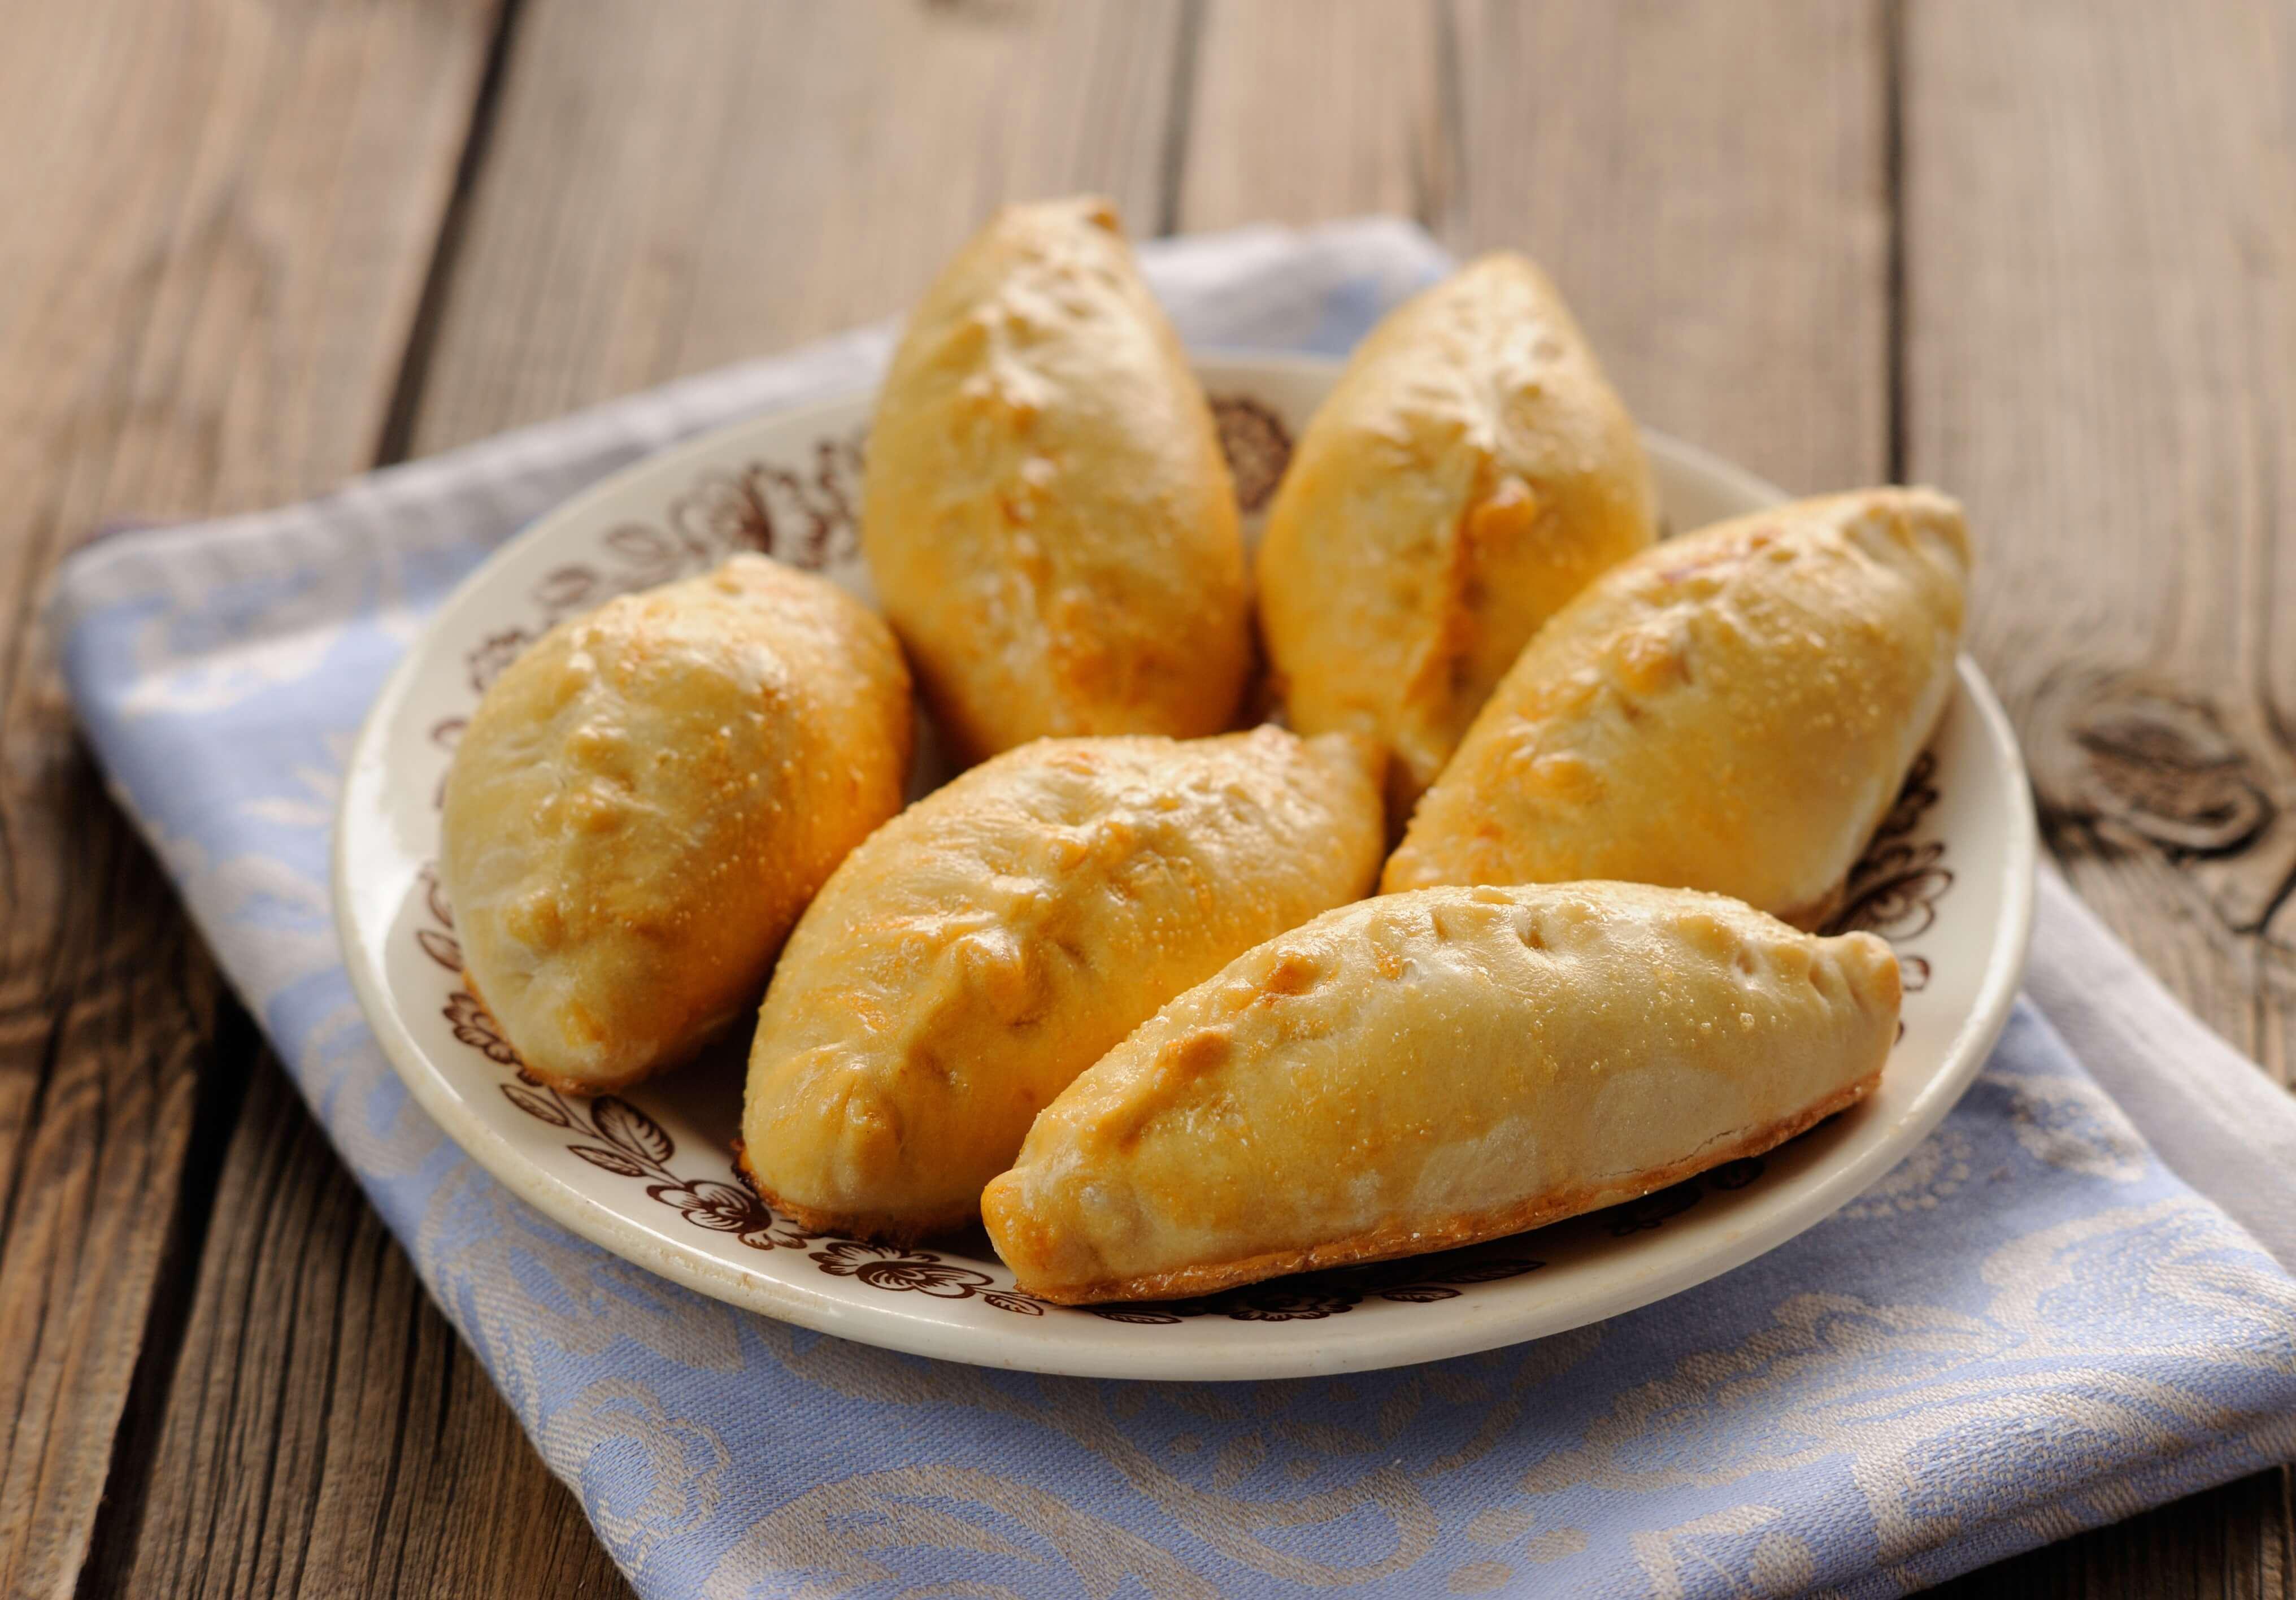 具材たっぷりのロシアの代表的な惣菜パン、ピロシキとは